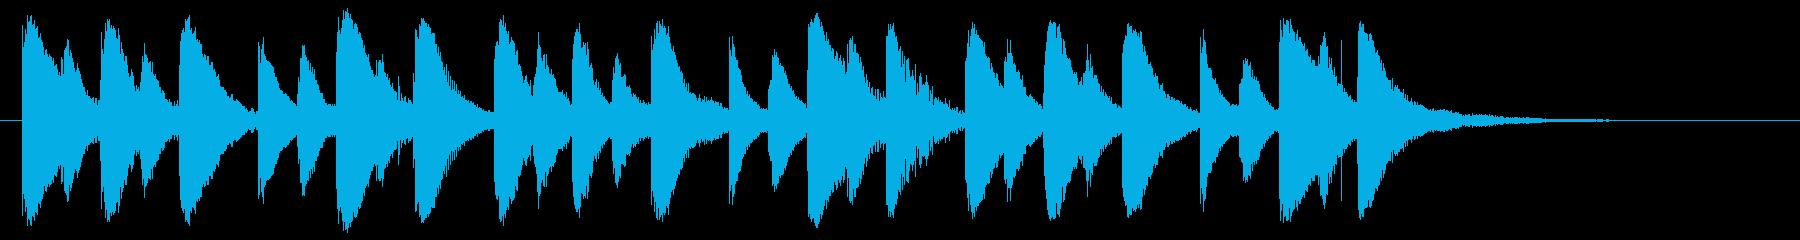 マレット演奏ジングルの再生済みの波形